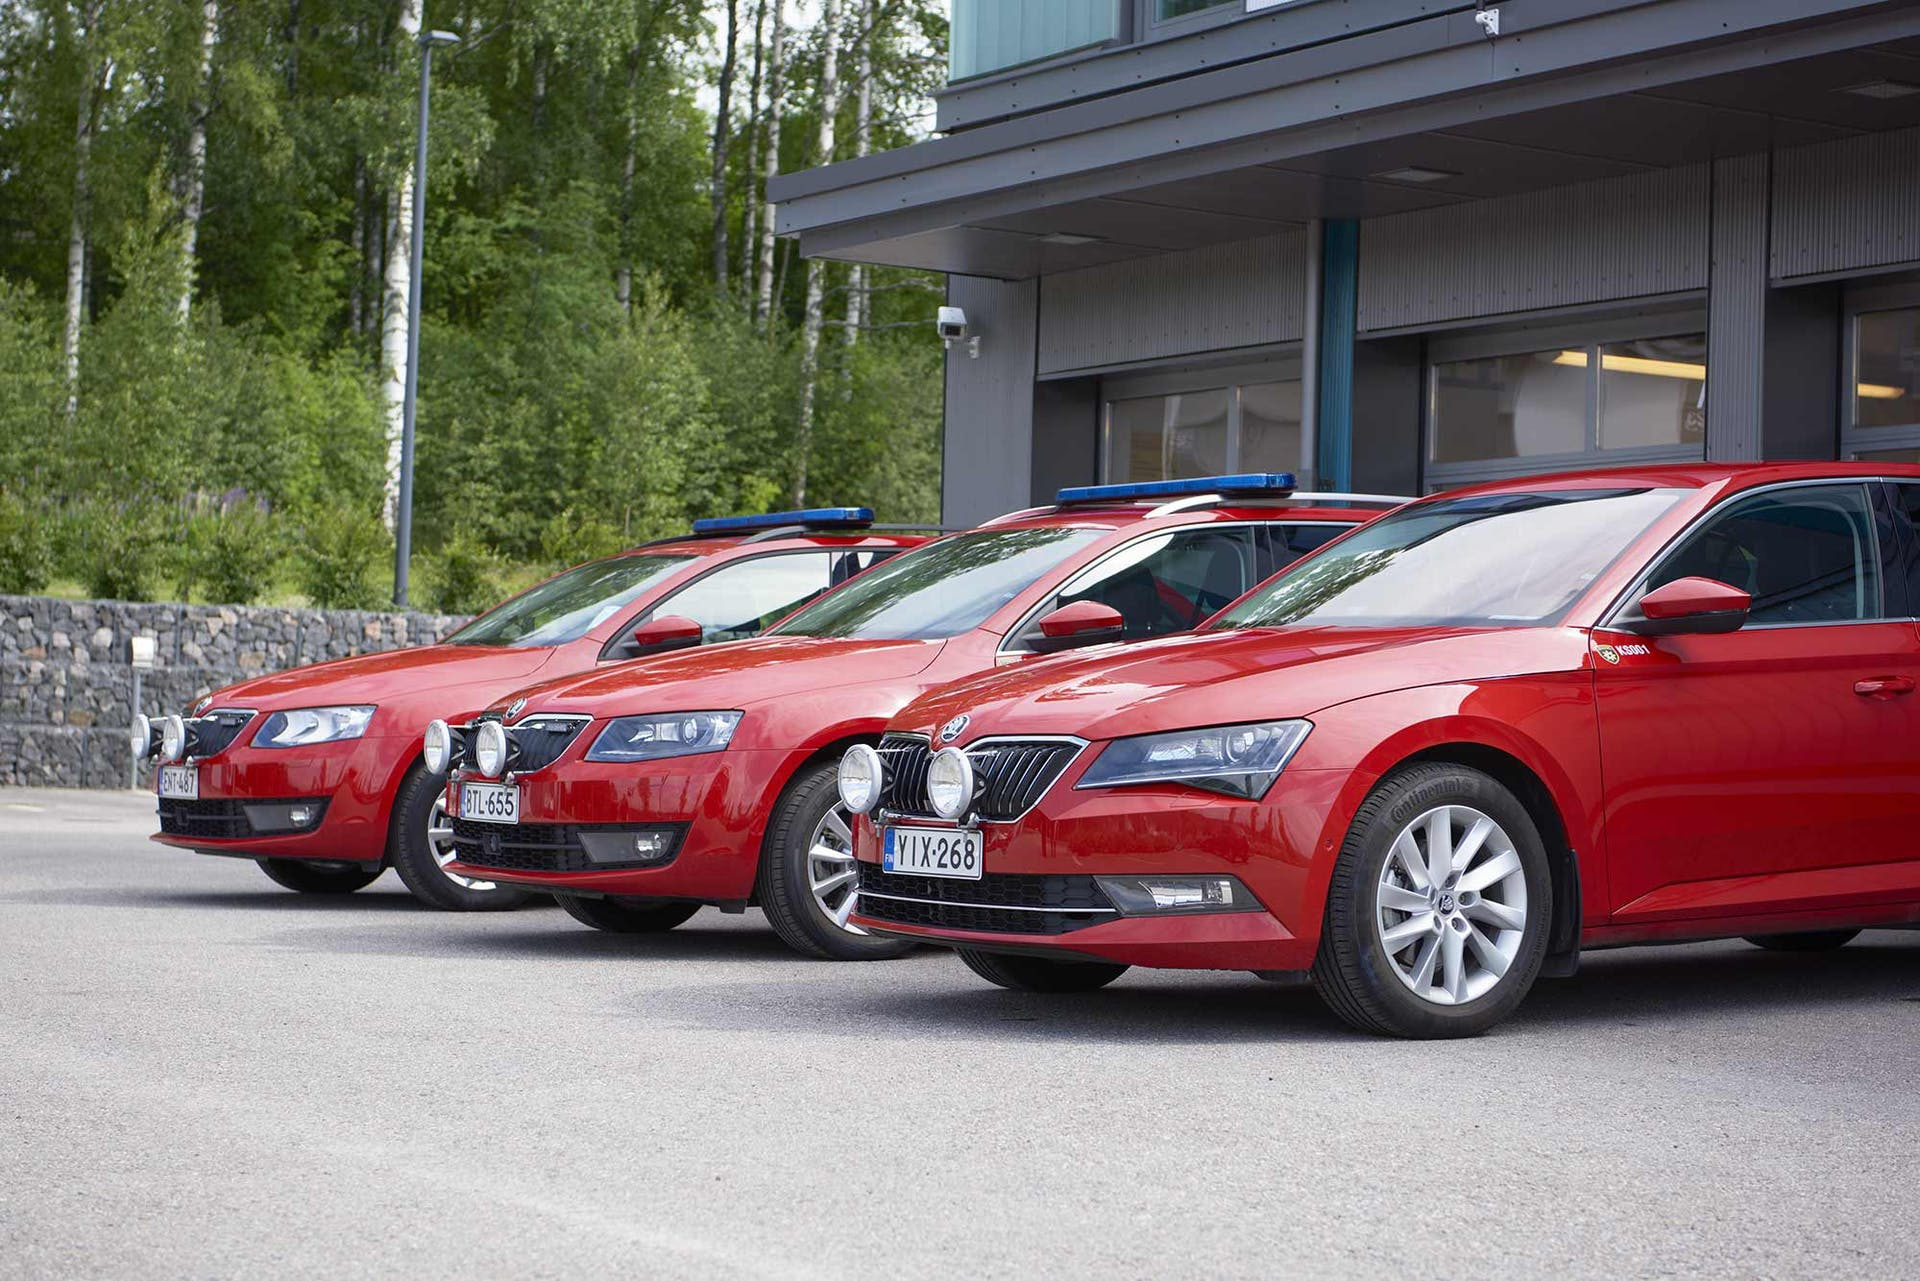 Neljästä tuliterästä Škodasta paikalla on tänään kolme: Superb sekä kaksi Octaviaa. Autot tunnistaa paloautoiksi paitsi väristä, myös erikoisvarustelustaan.